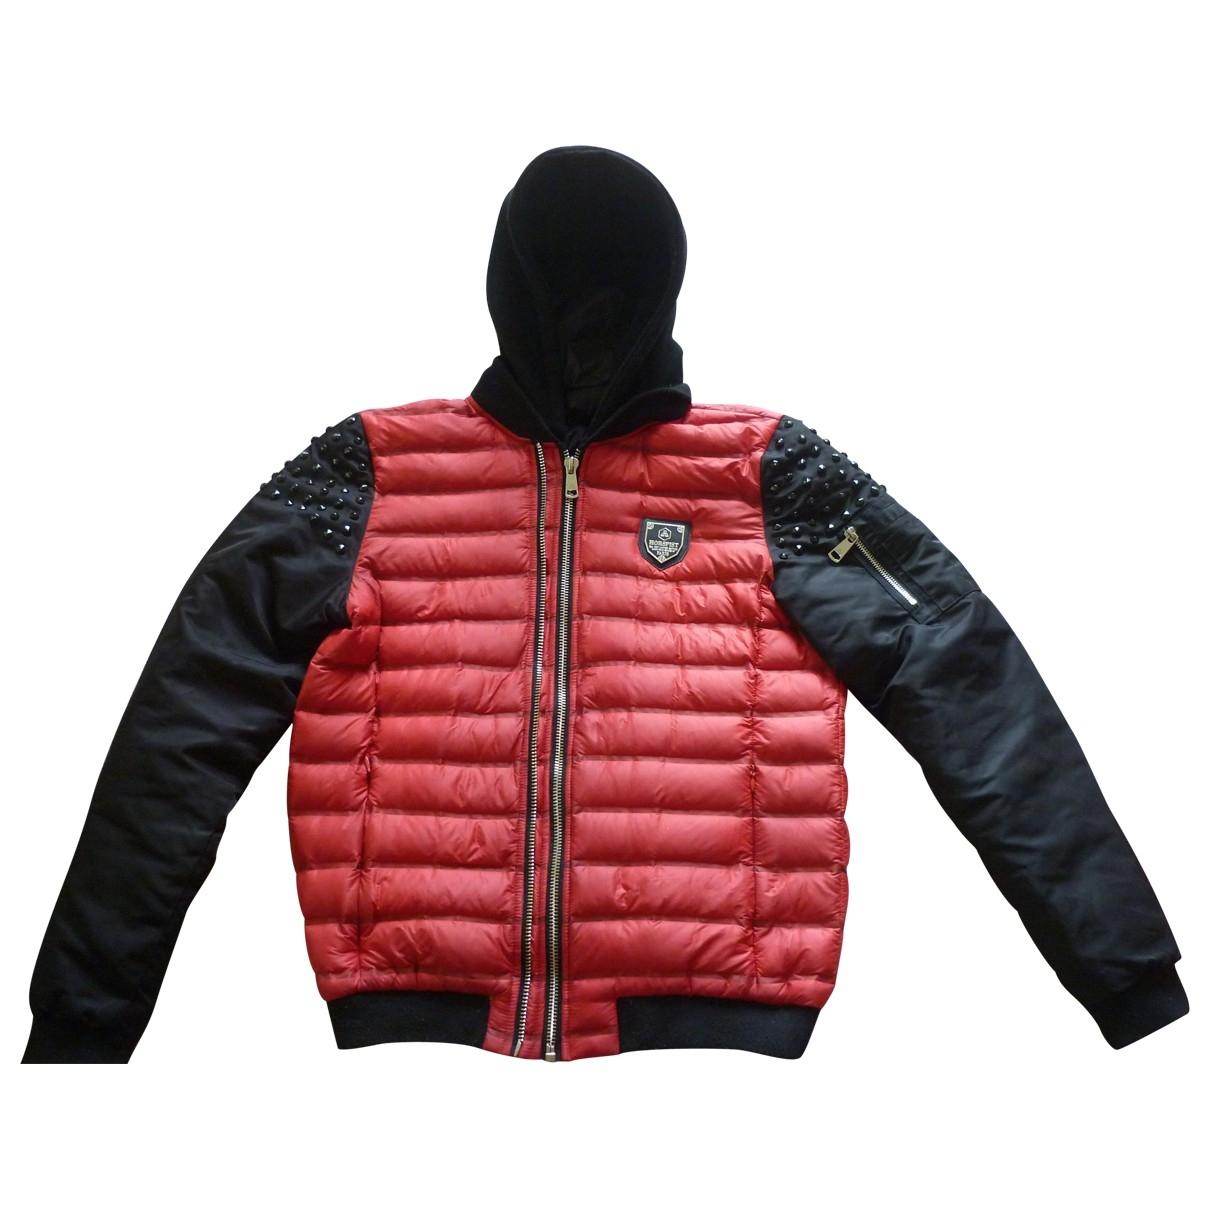 Horpist - Manteau   pour homme - rouge